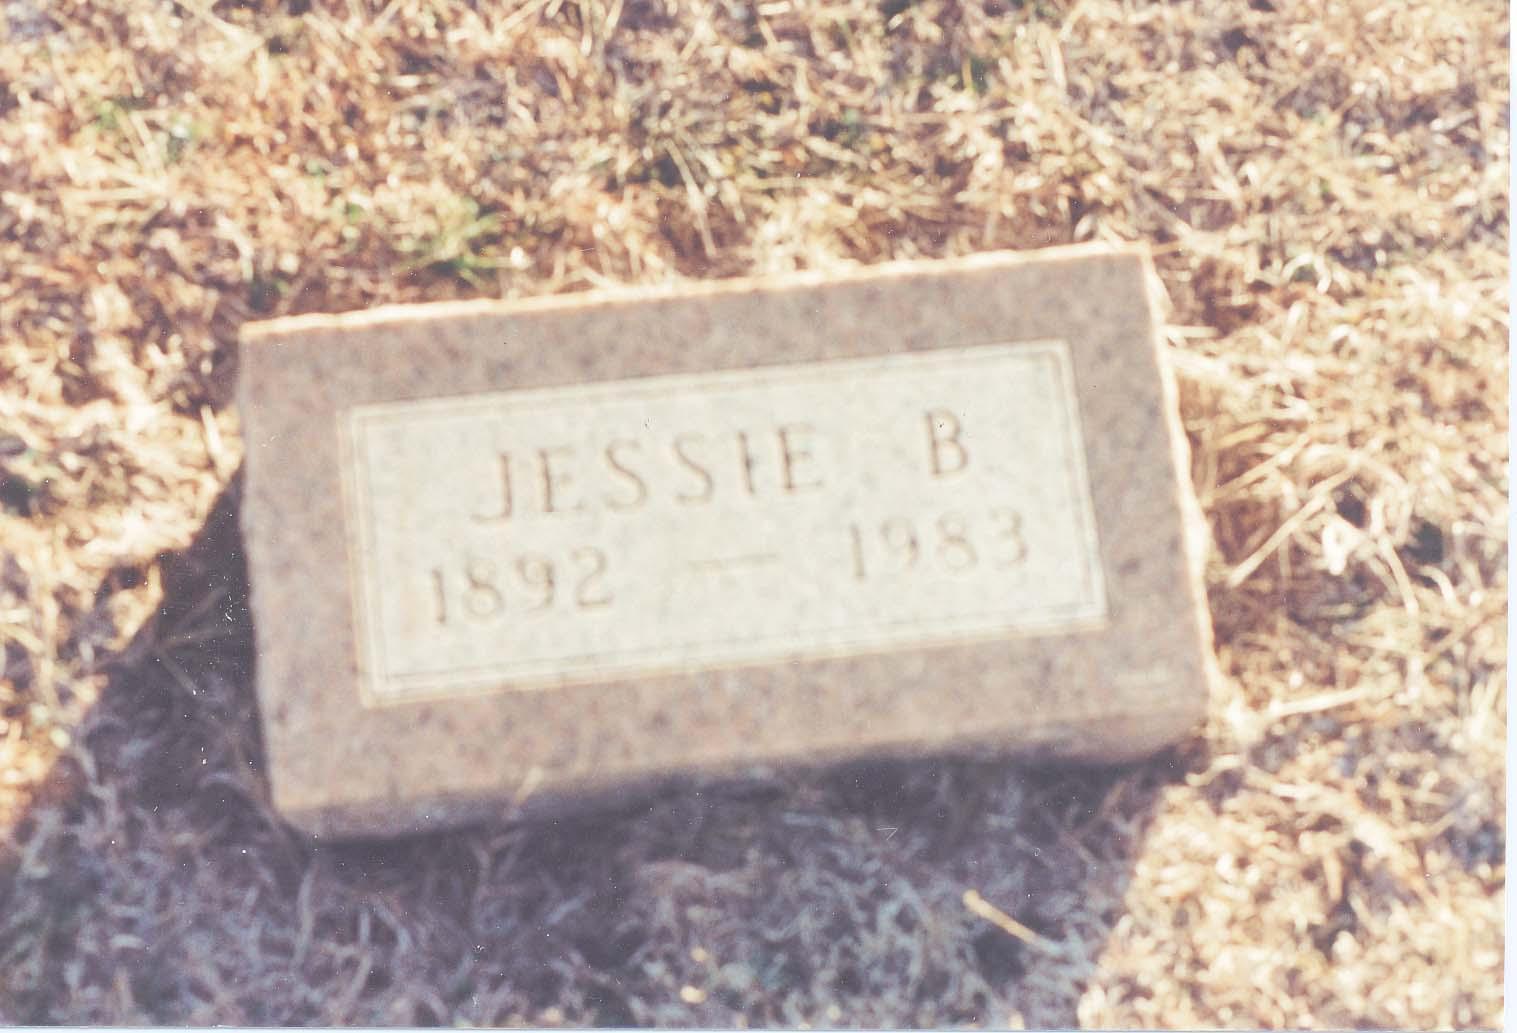 Kansas reno county turon - Devlin Jessie B